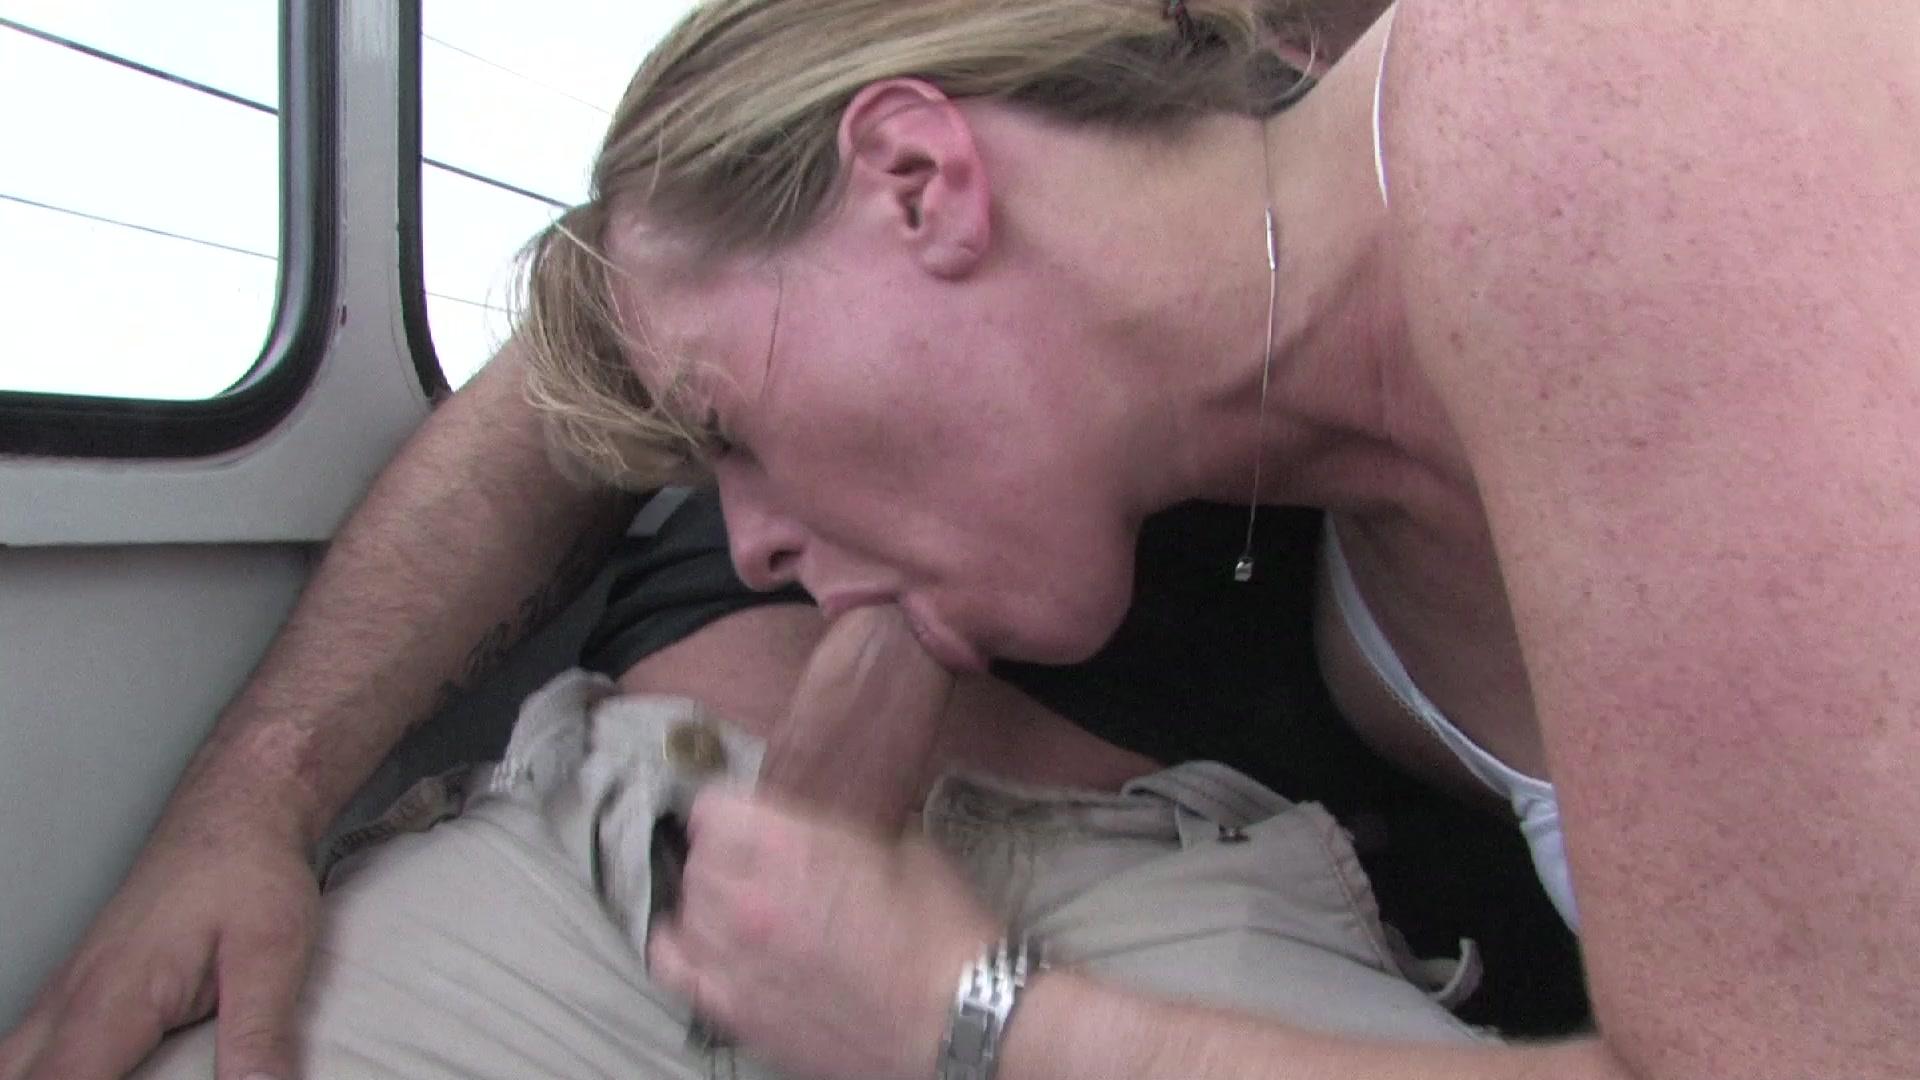 Sex In Der euFfentlichkeit Video